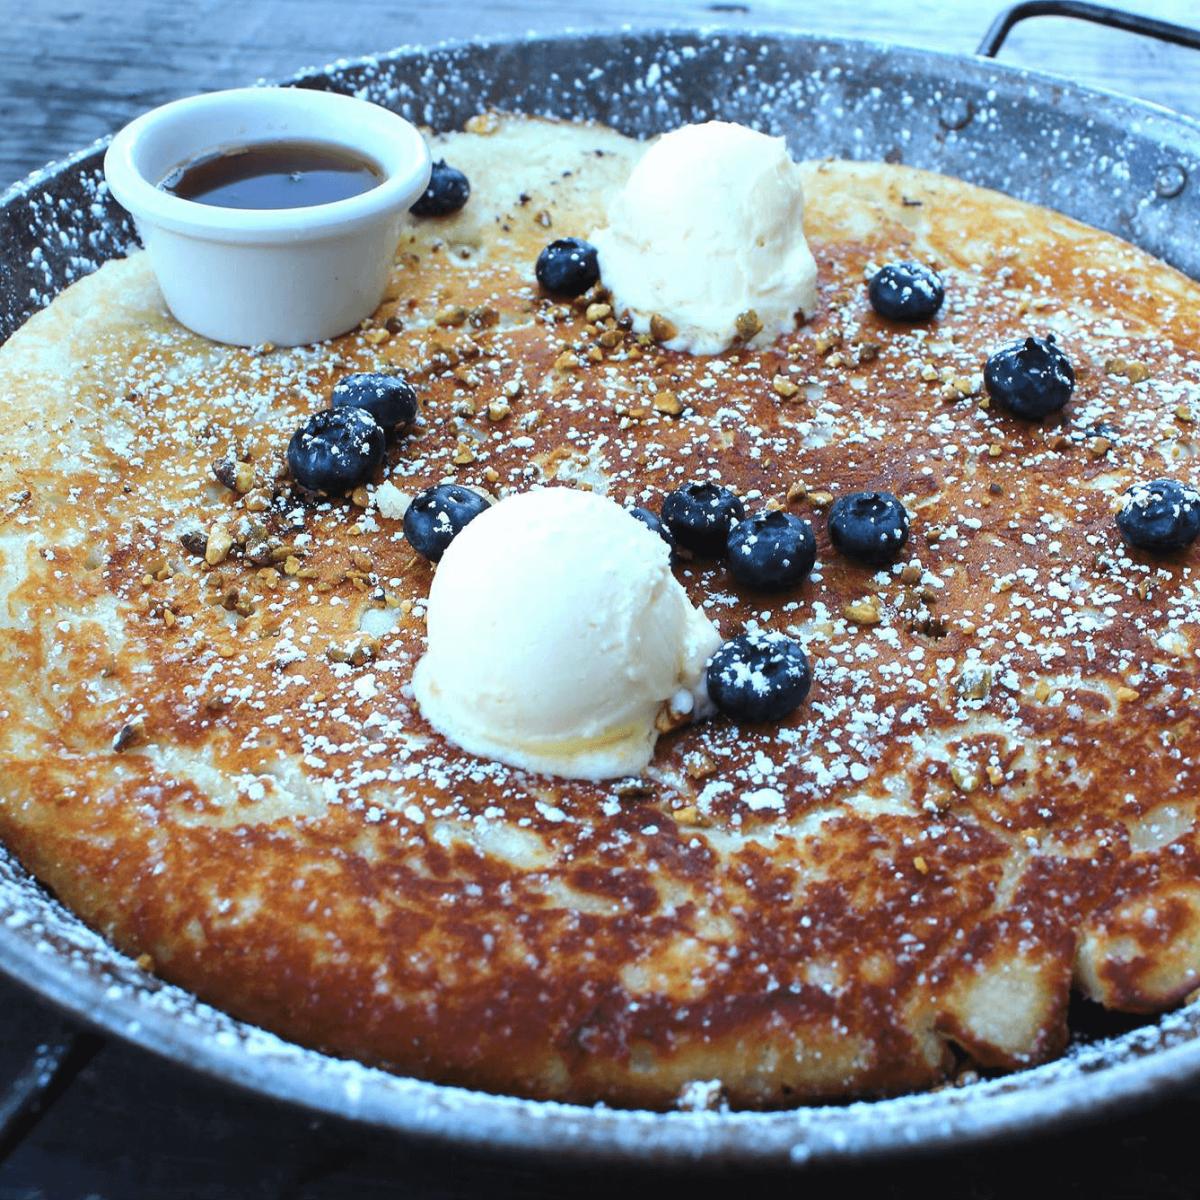 Mash'd restaurant manhole pancake